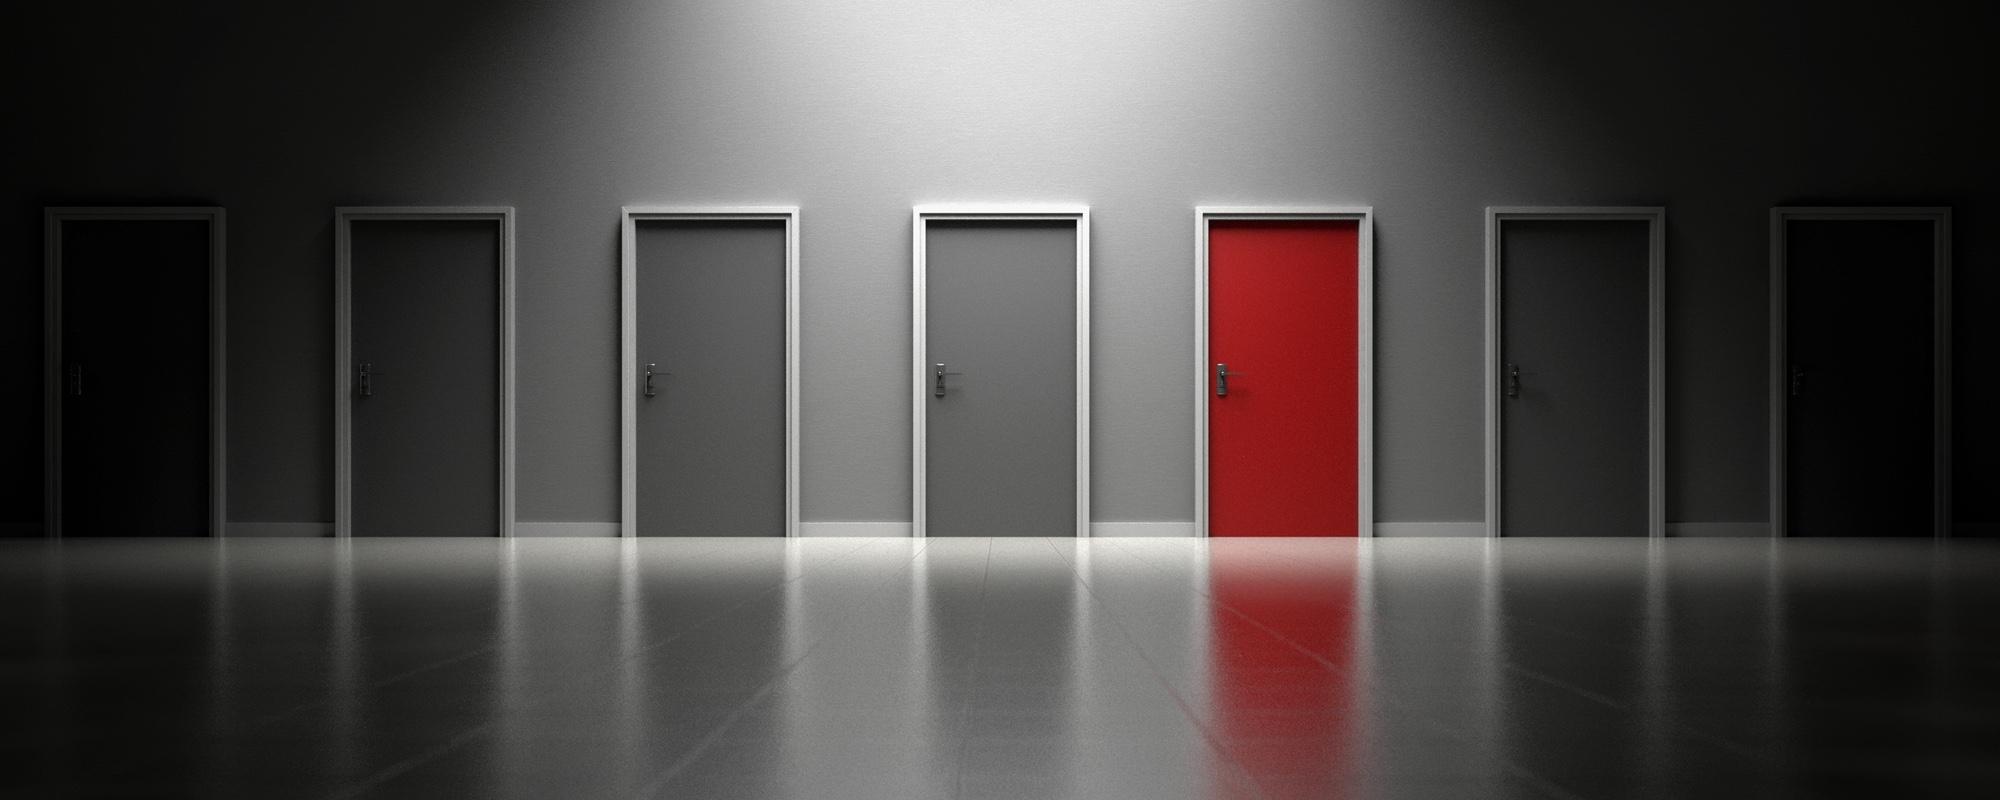 Bild: Mehrere Türen zur Auswahl, eine davon rot bemalt